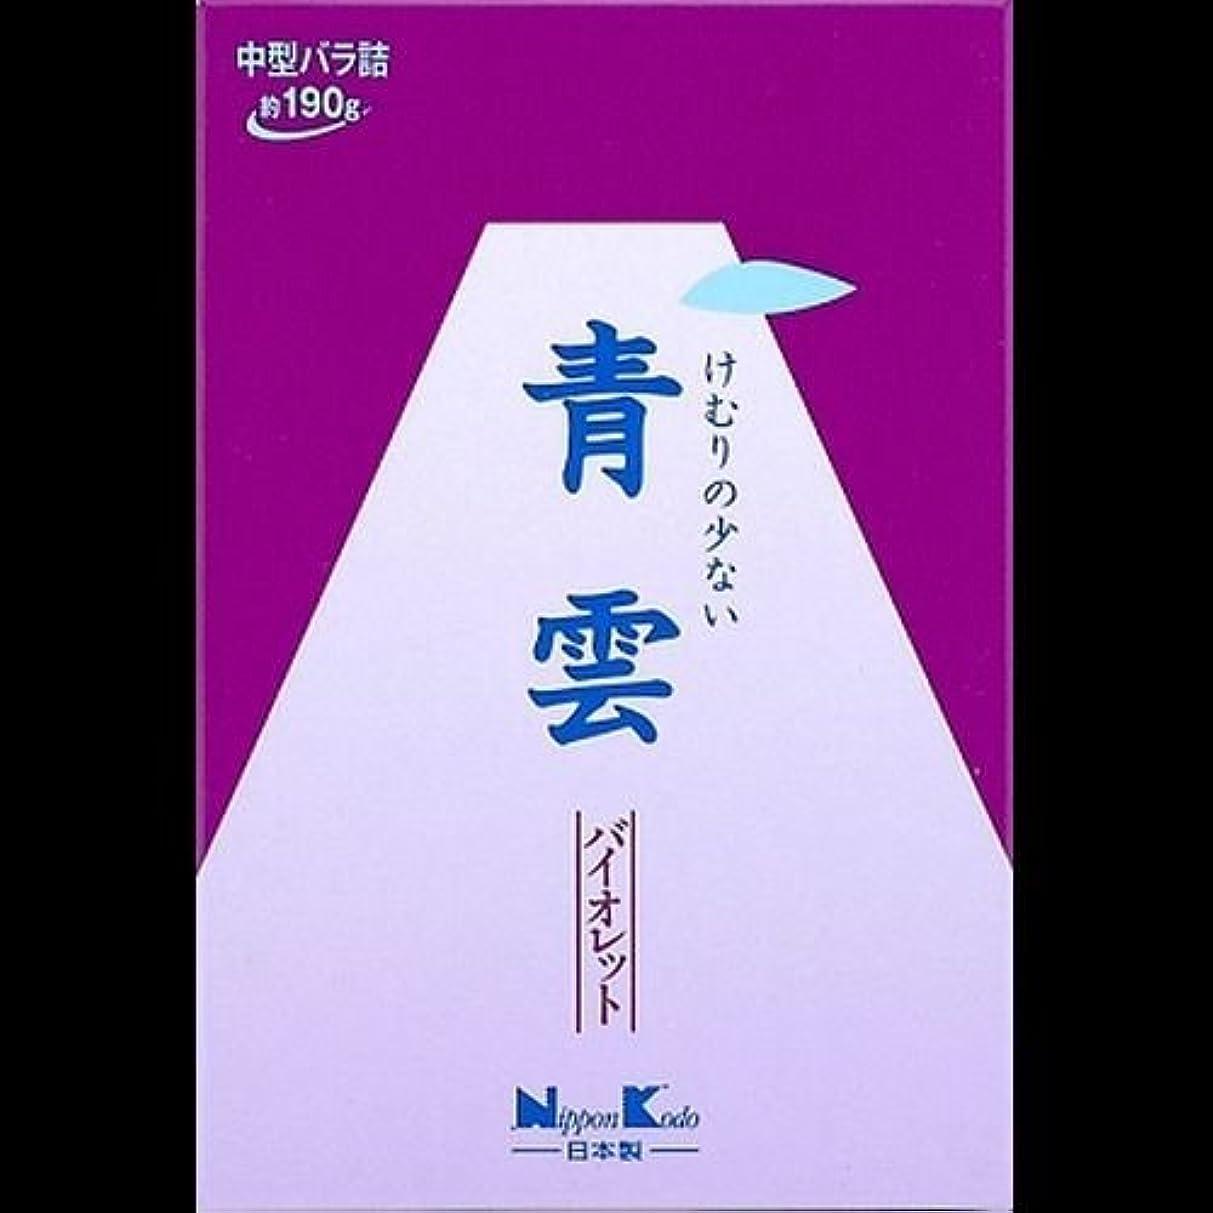 ブラウザ再発する抜本的な【まとめ買い】青雲 バイオレット中型バラ詰 ×2セット